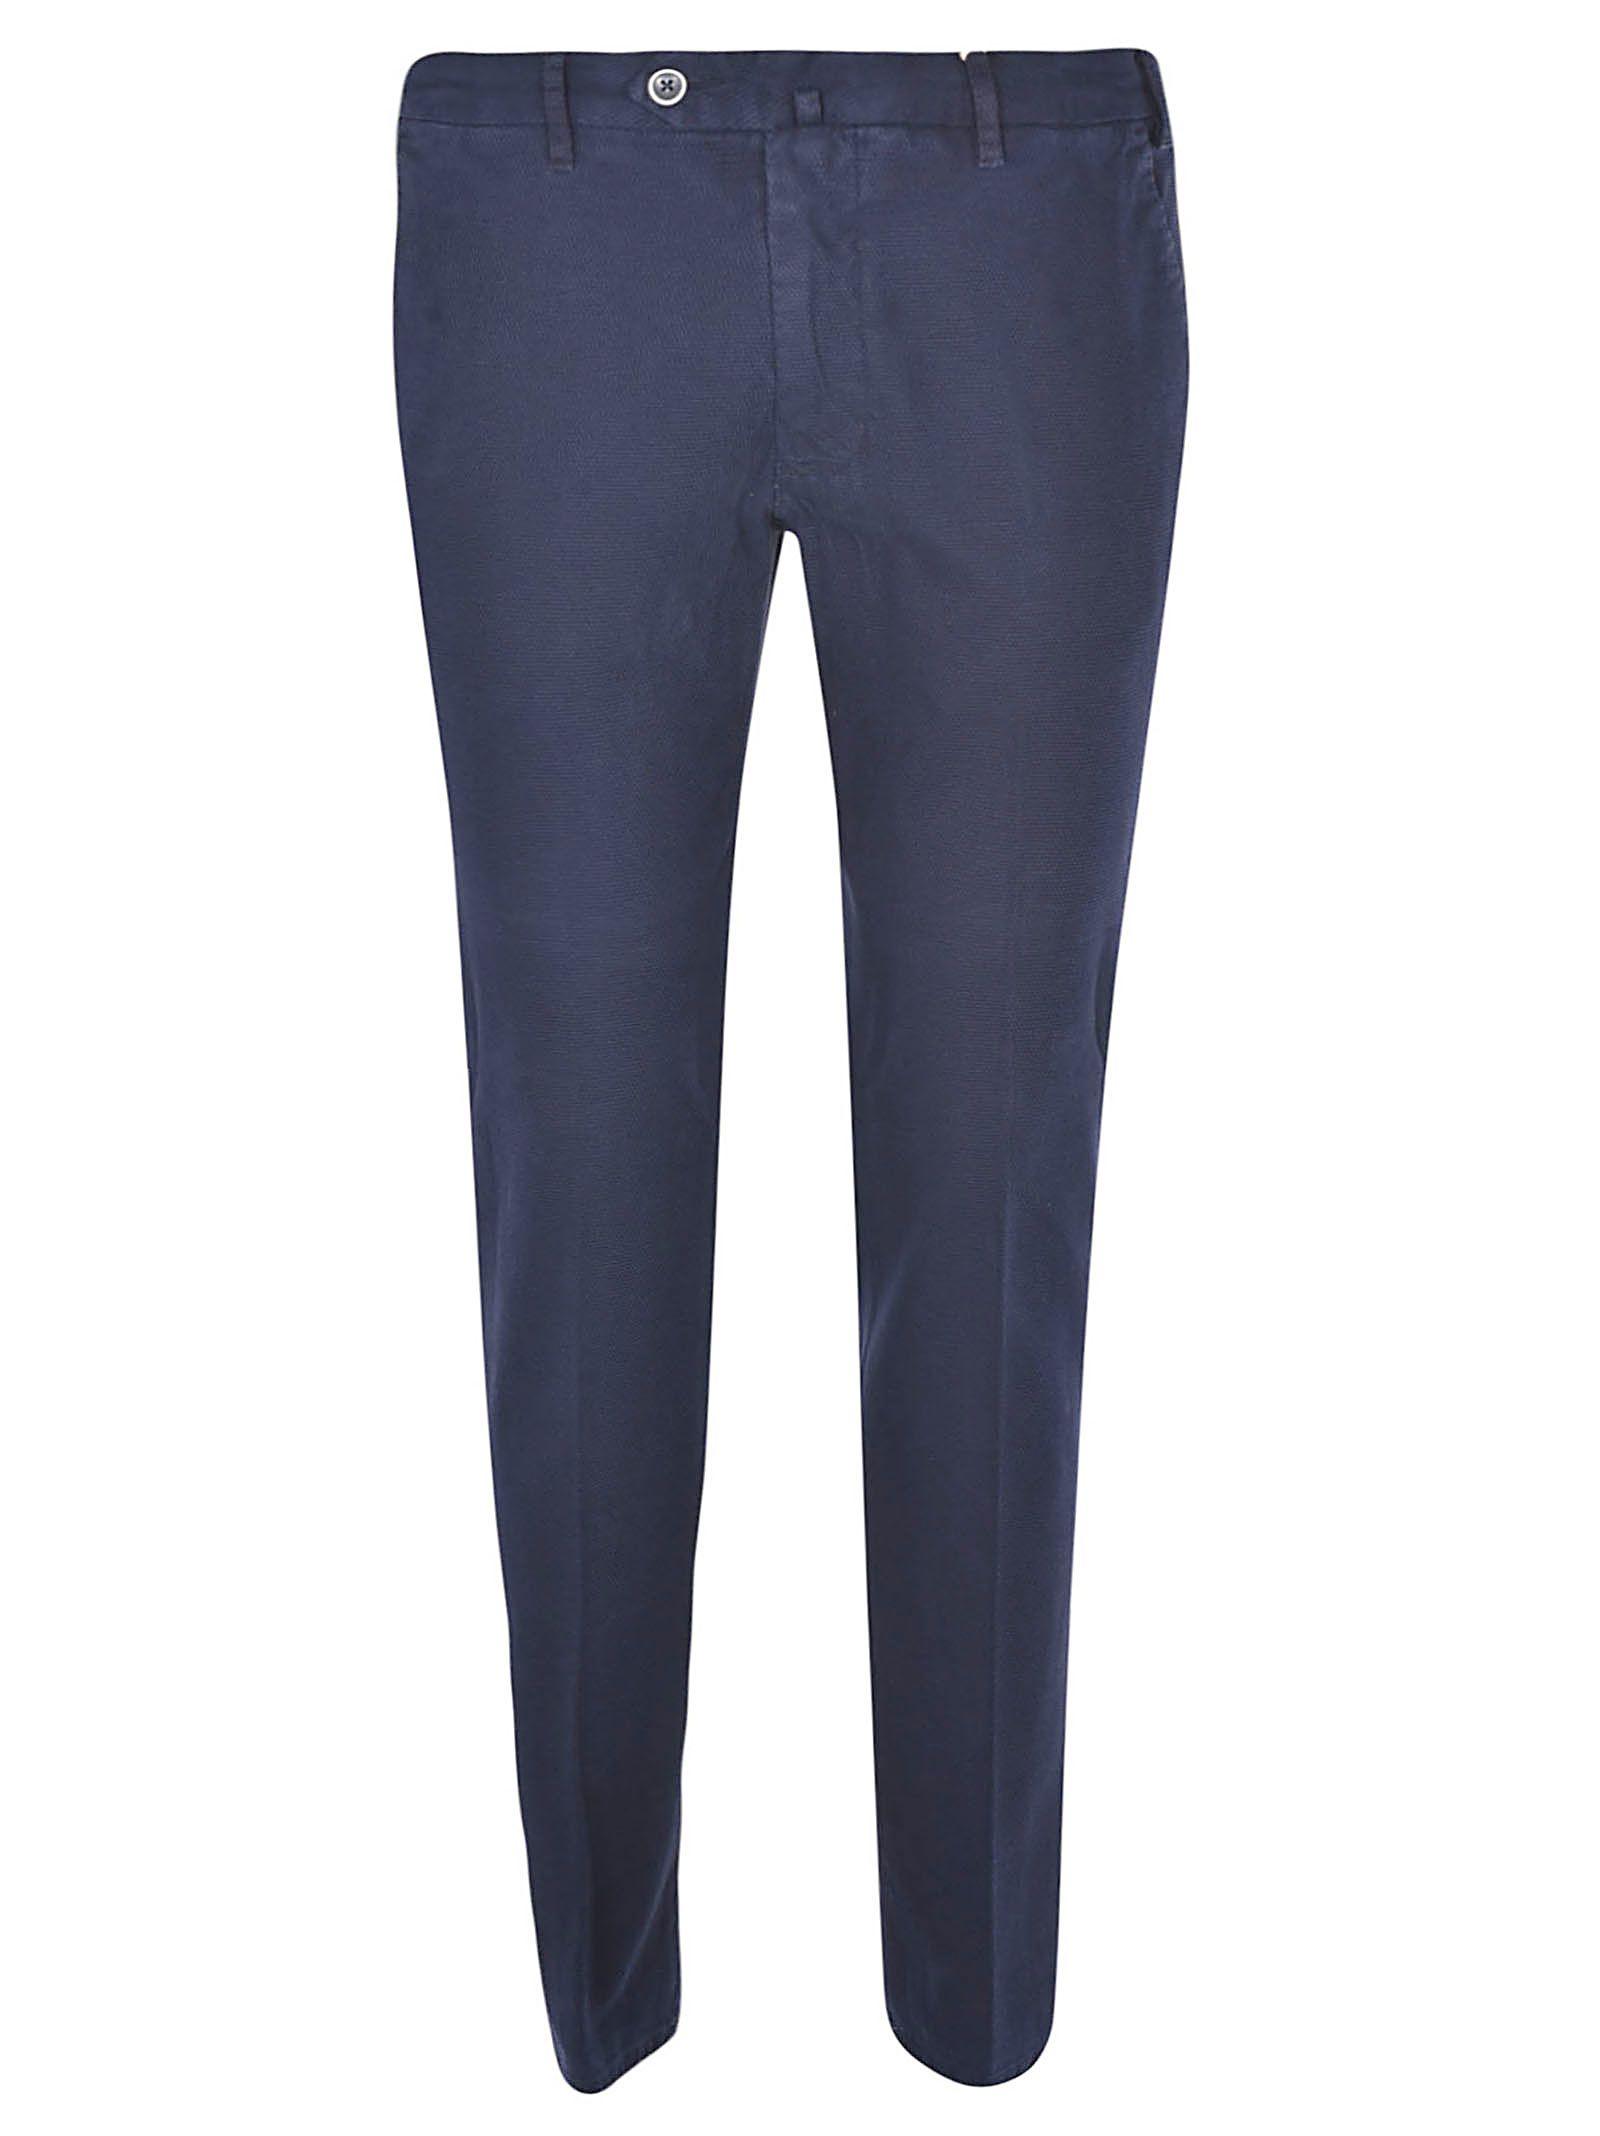 LUIGI BIANCHI MANTOVA Classic Trousers in U